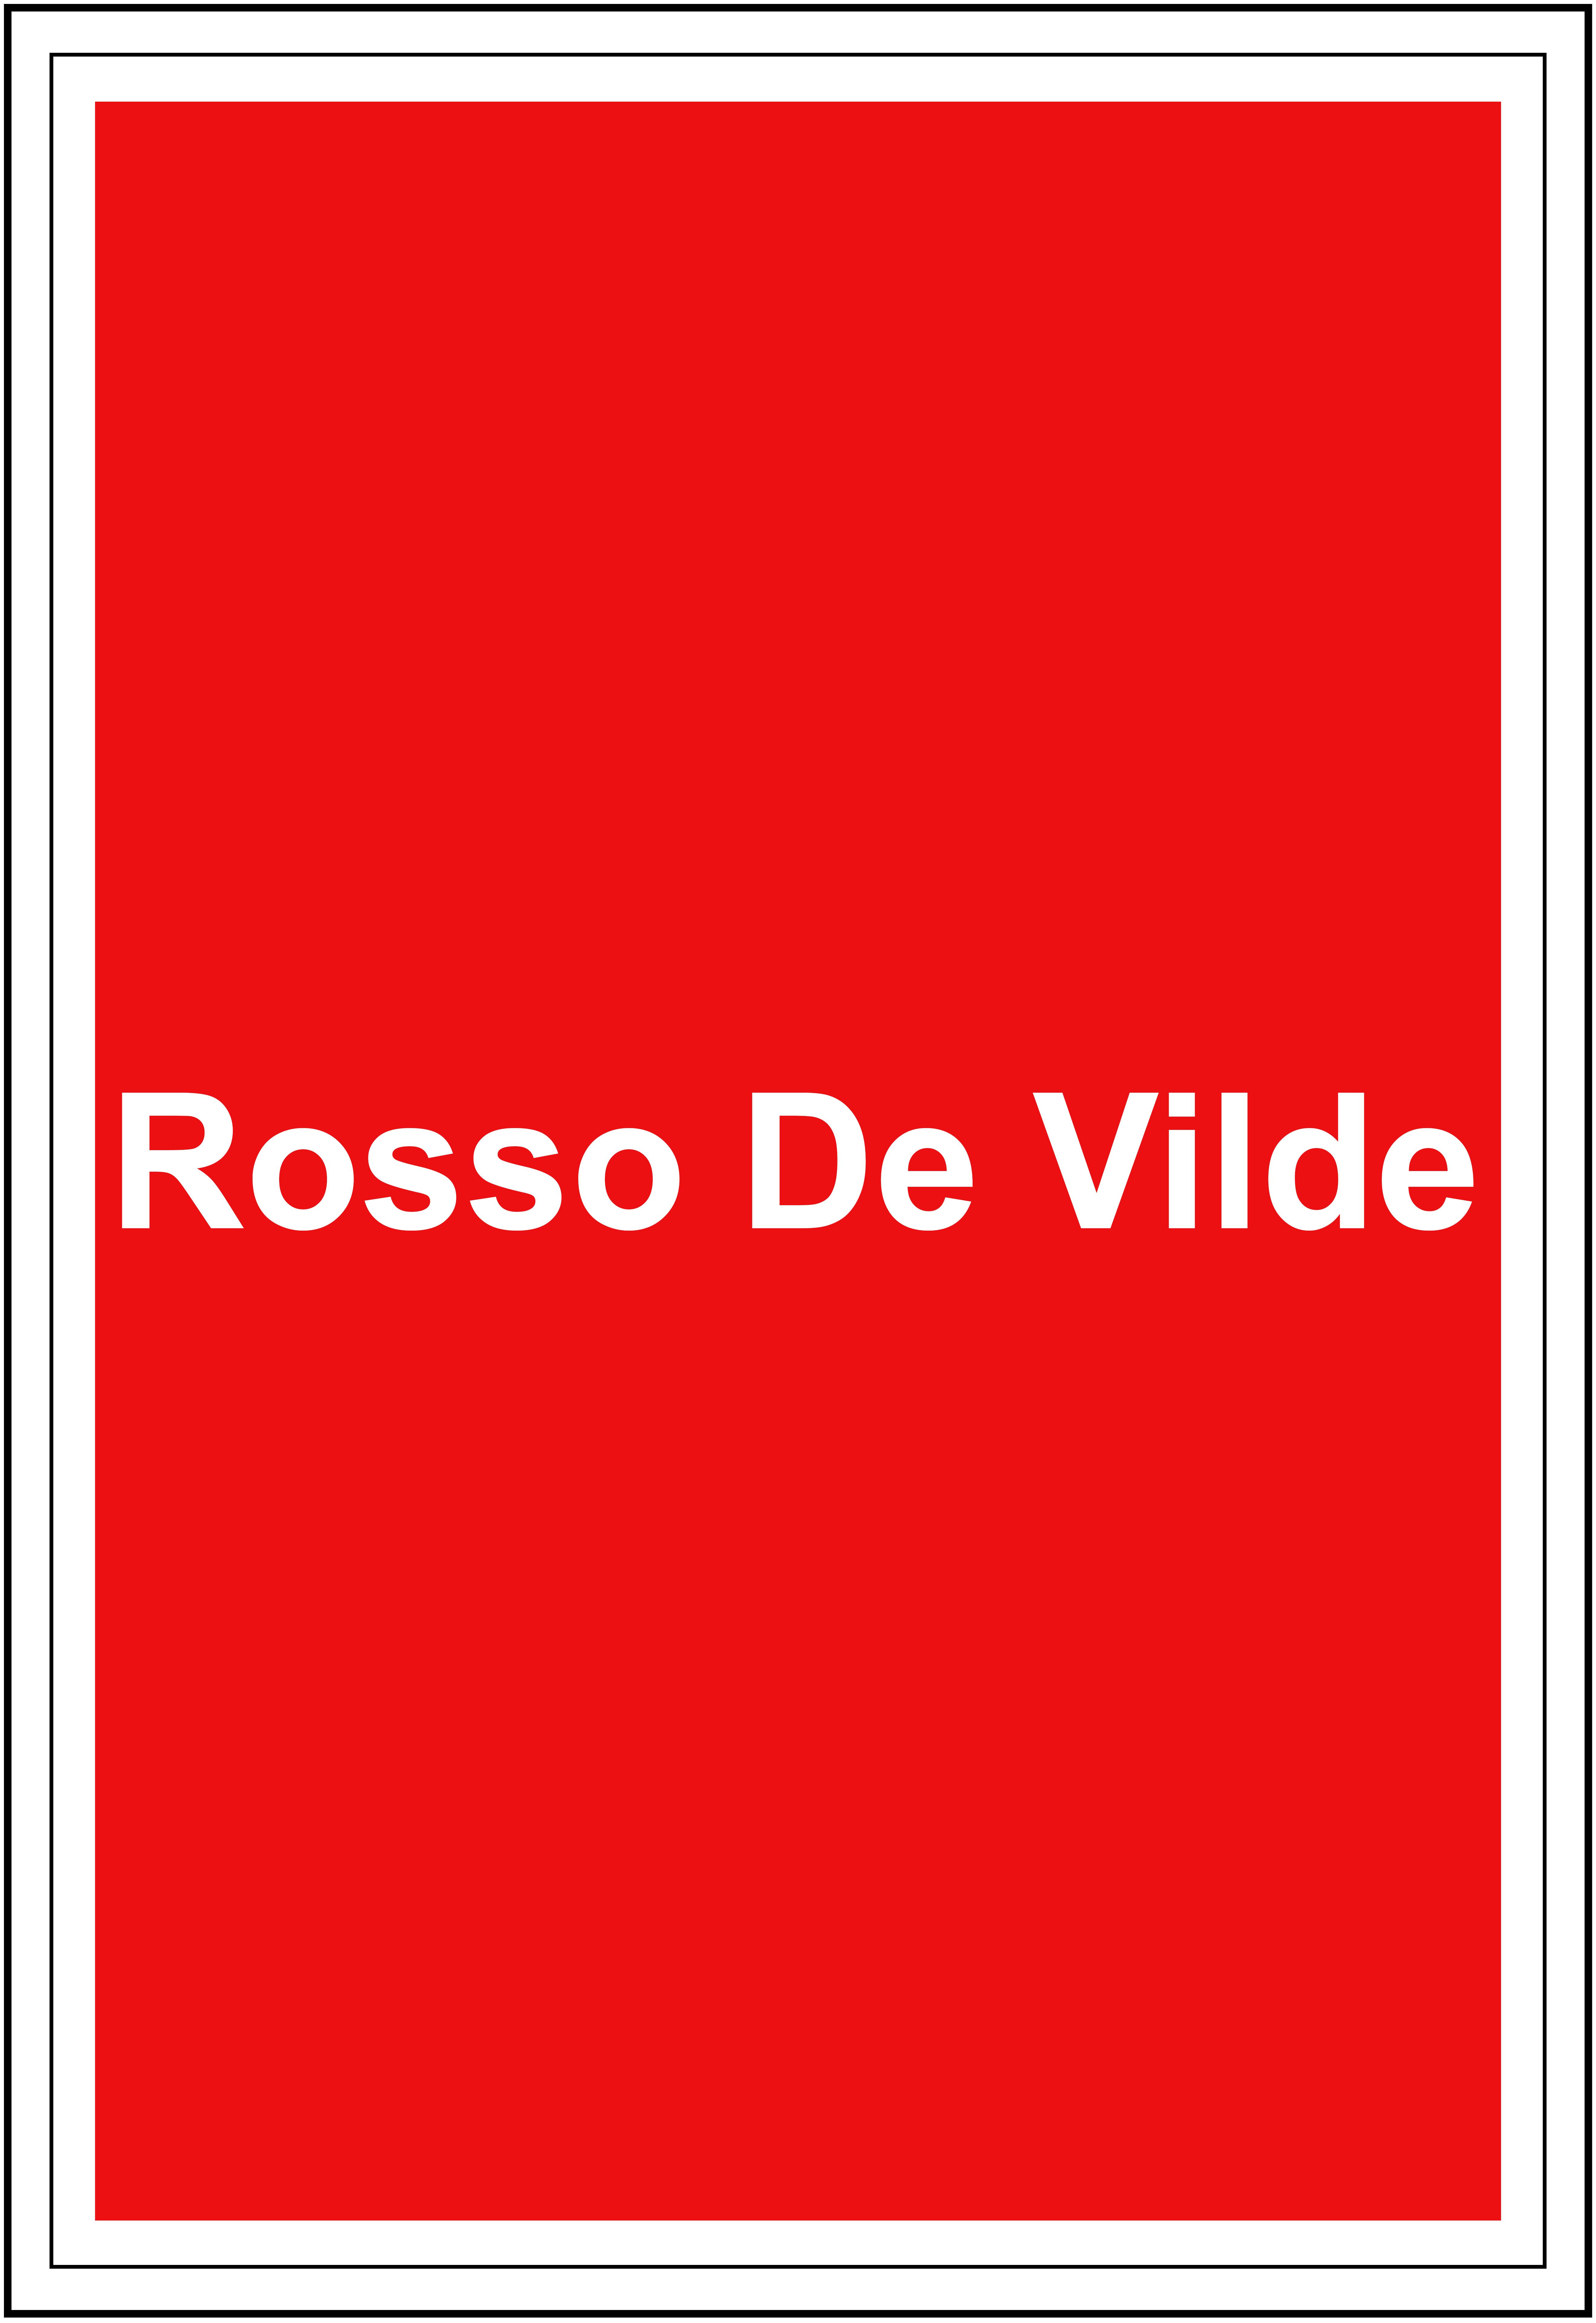 Rosso De Vilde